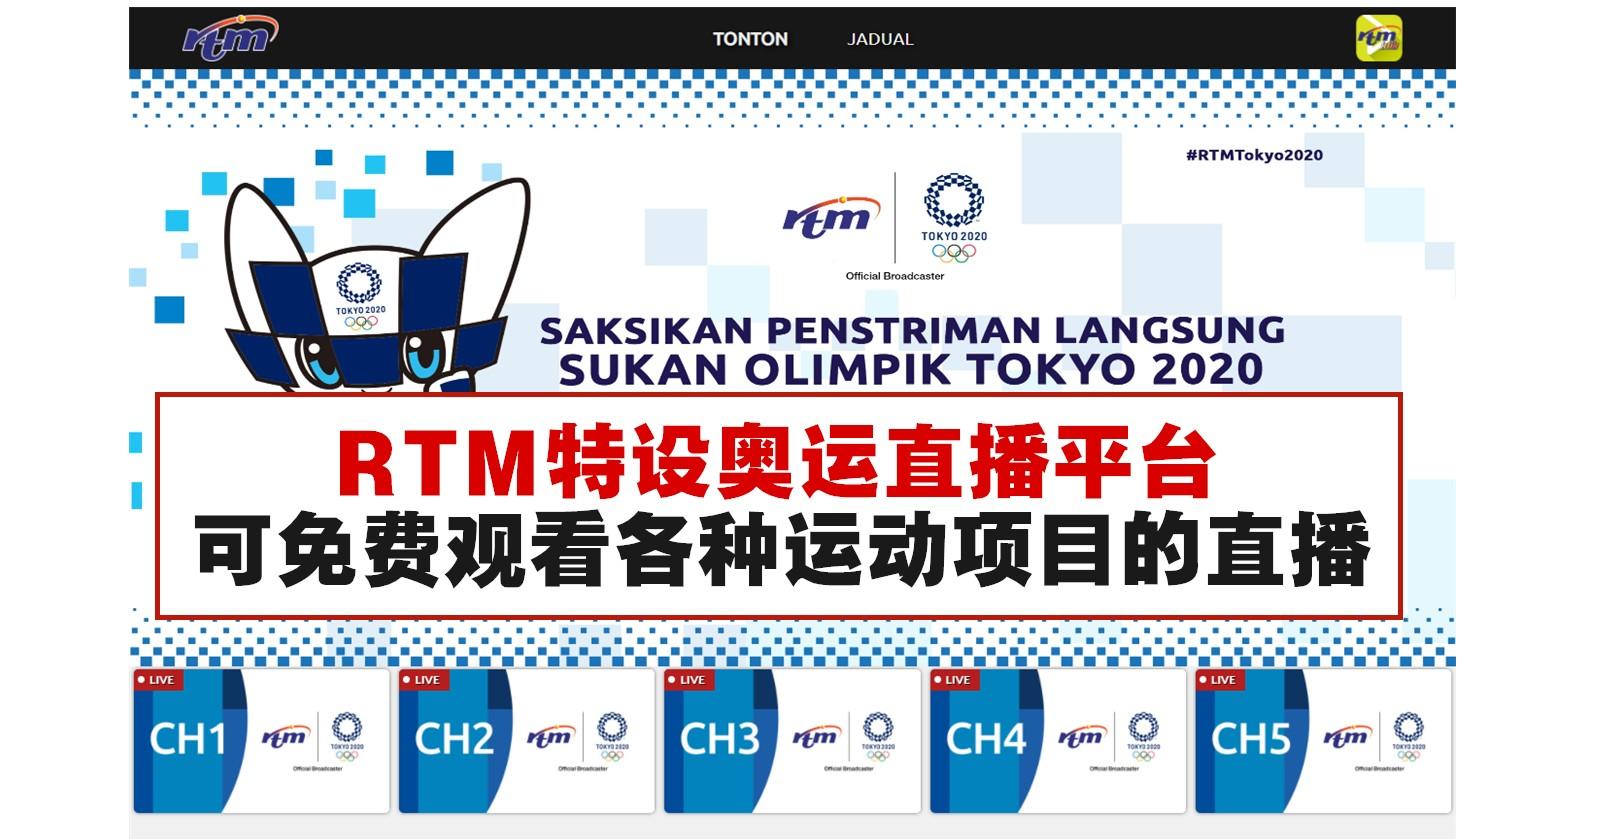 RTM特设奥运直播平台,可免费观看各种运动项目的直播